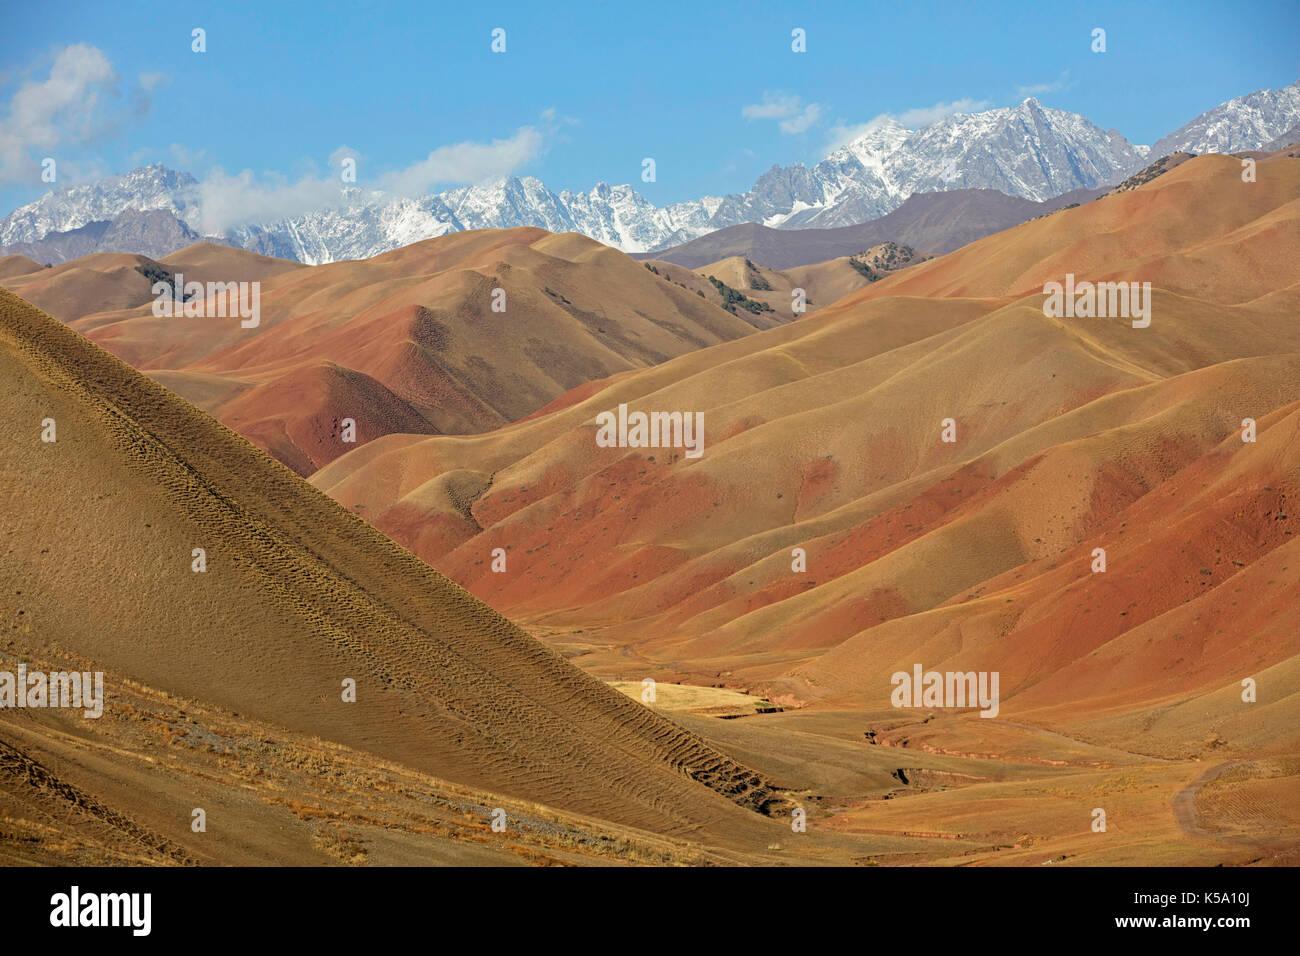 Montagnes entre sary tash et Osh, début de l'himalaya dans la région d'Och au Kirghizistan Photo Stock